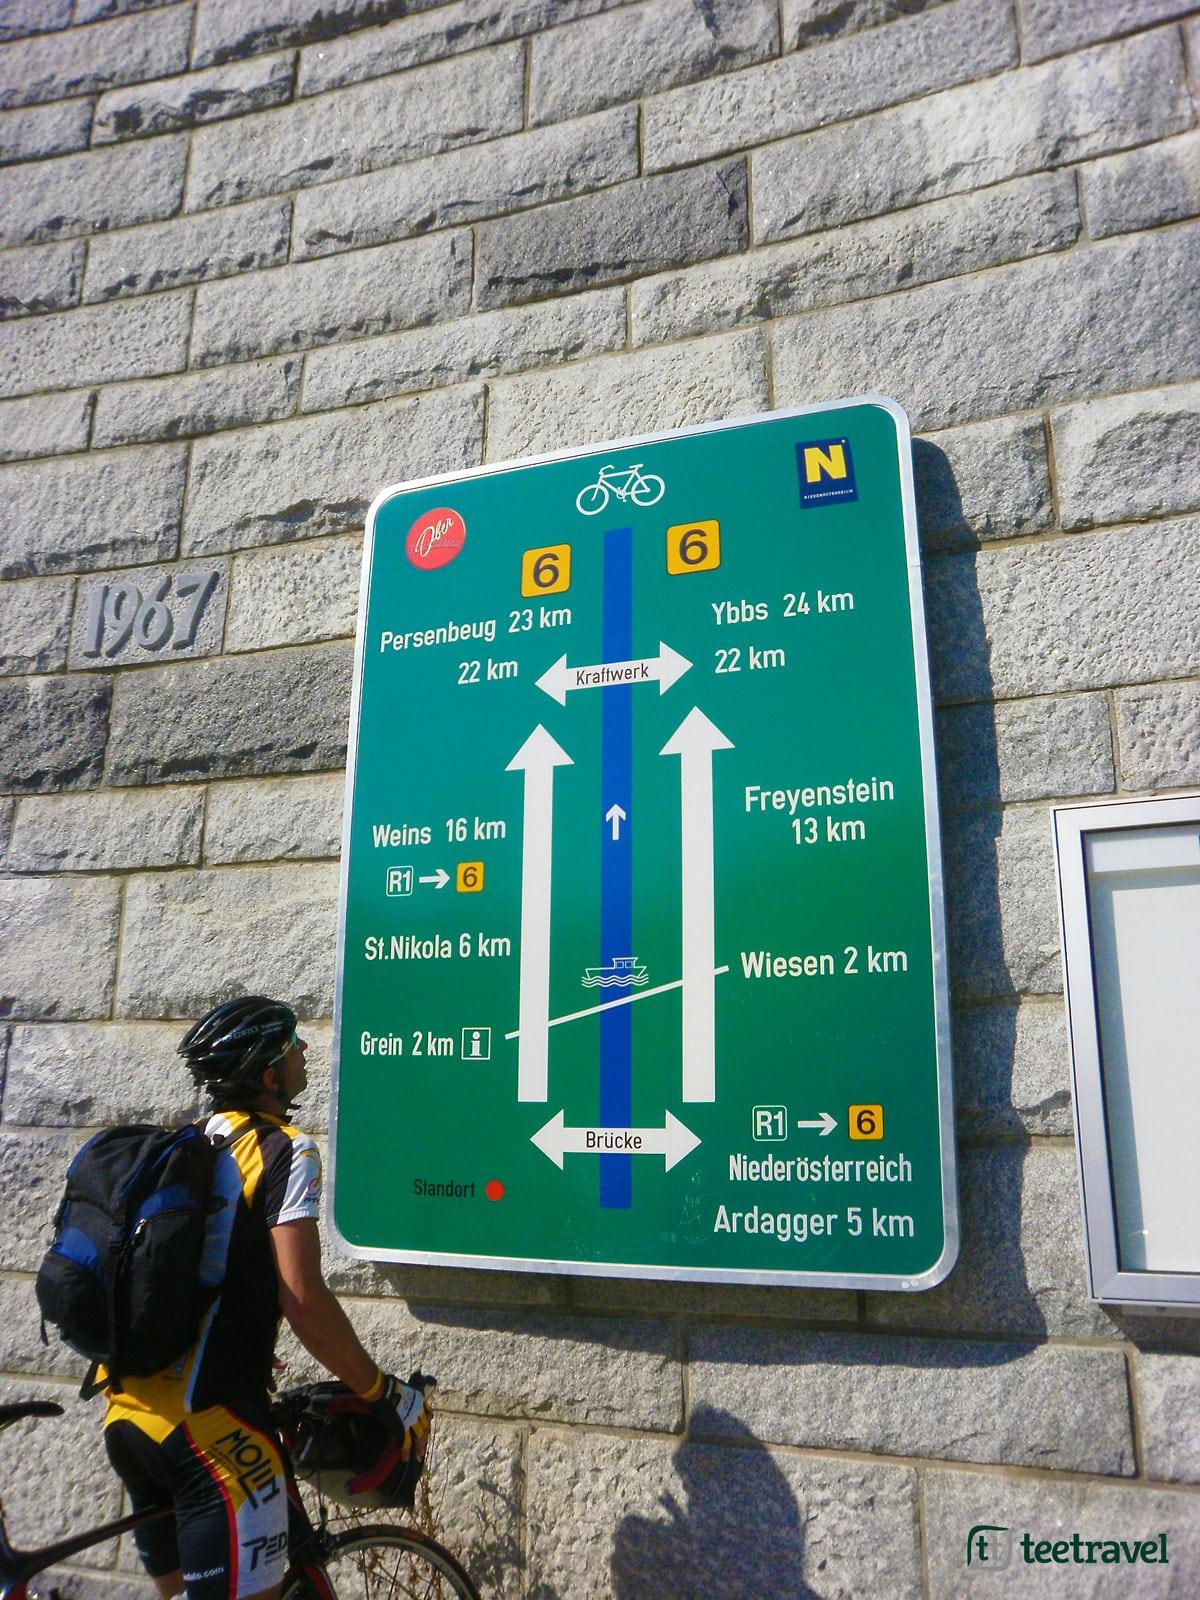 Ruta del Danubio en bici - Señalización de la ruta